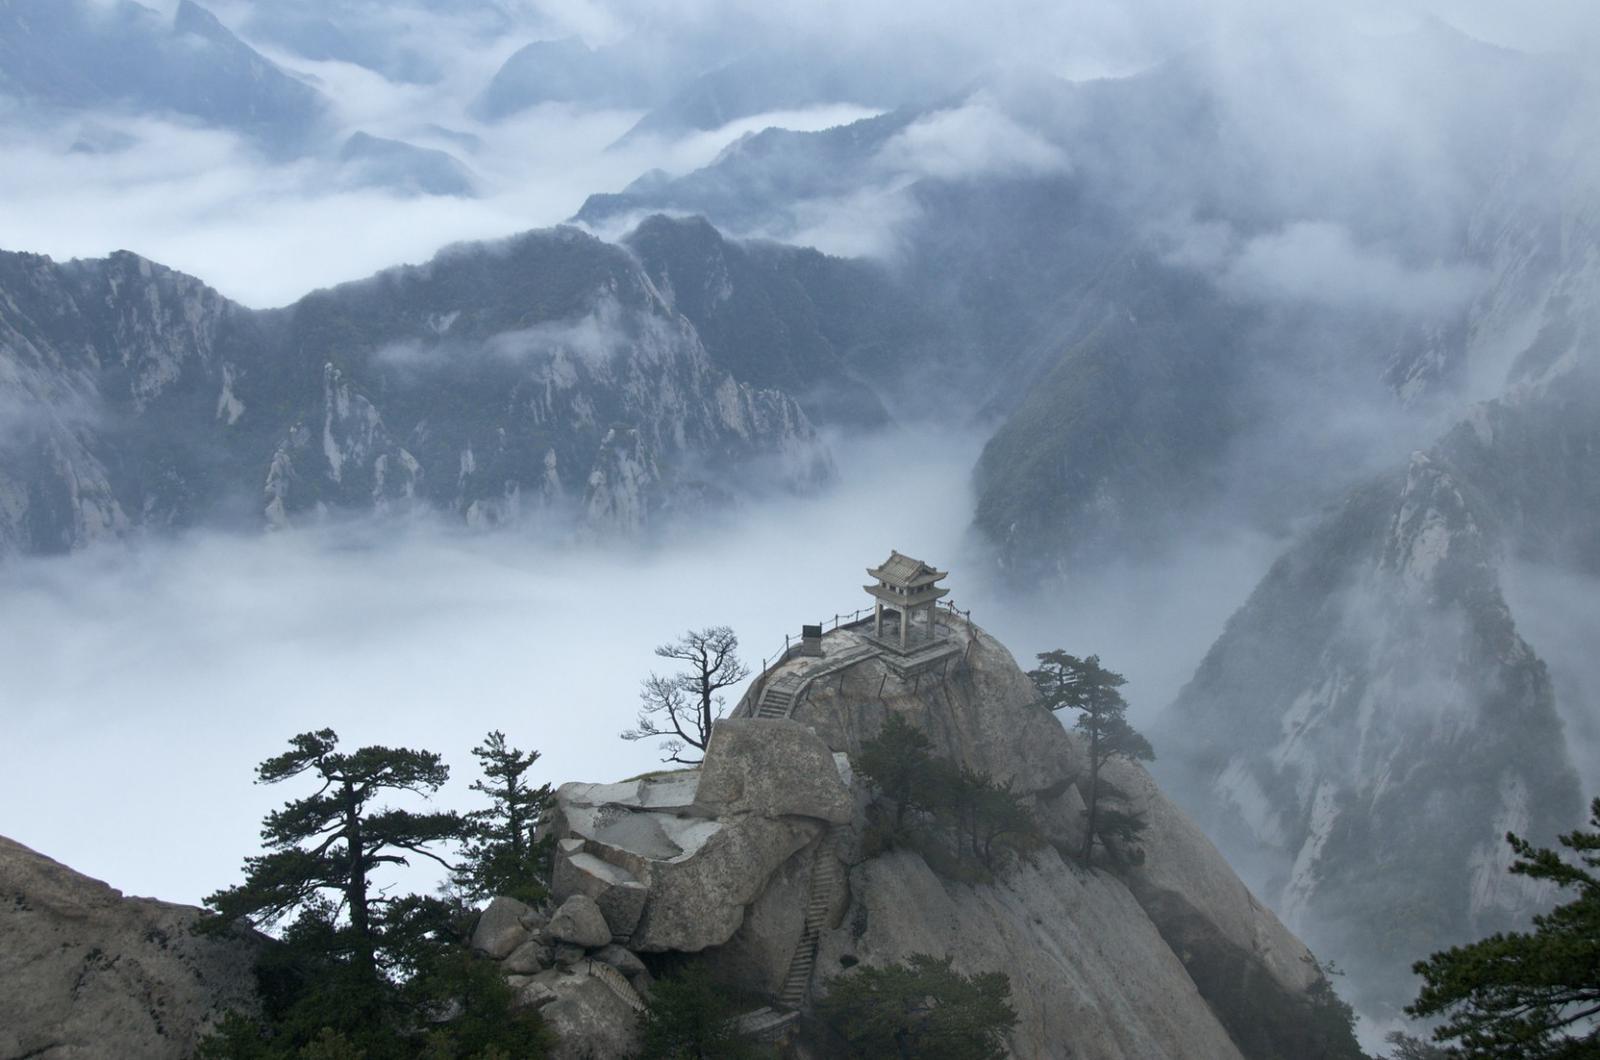 Hua Shan in a sea of clouds